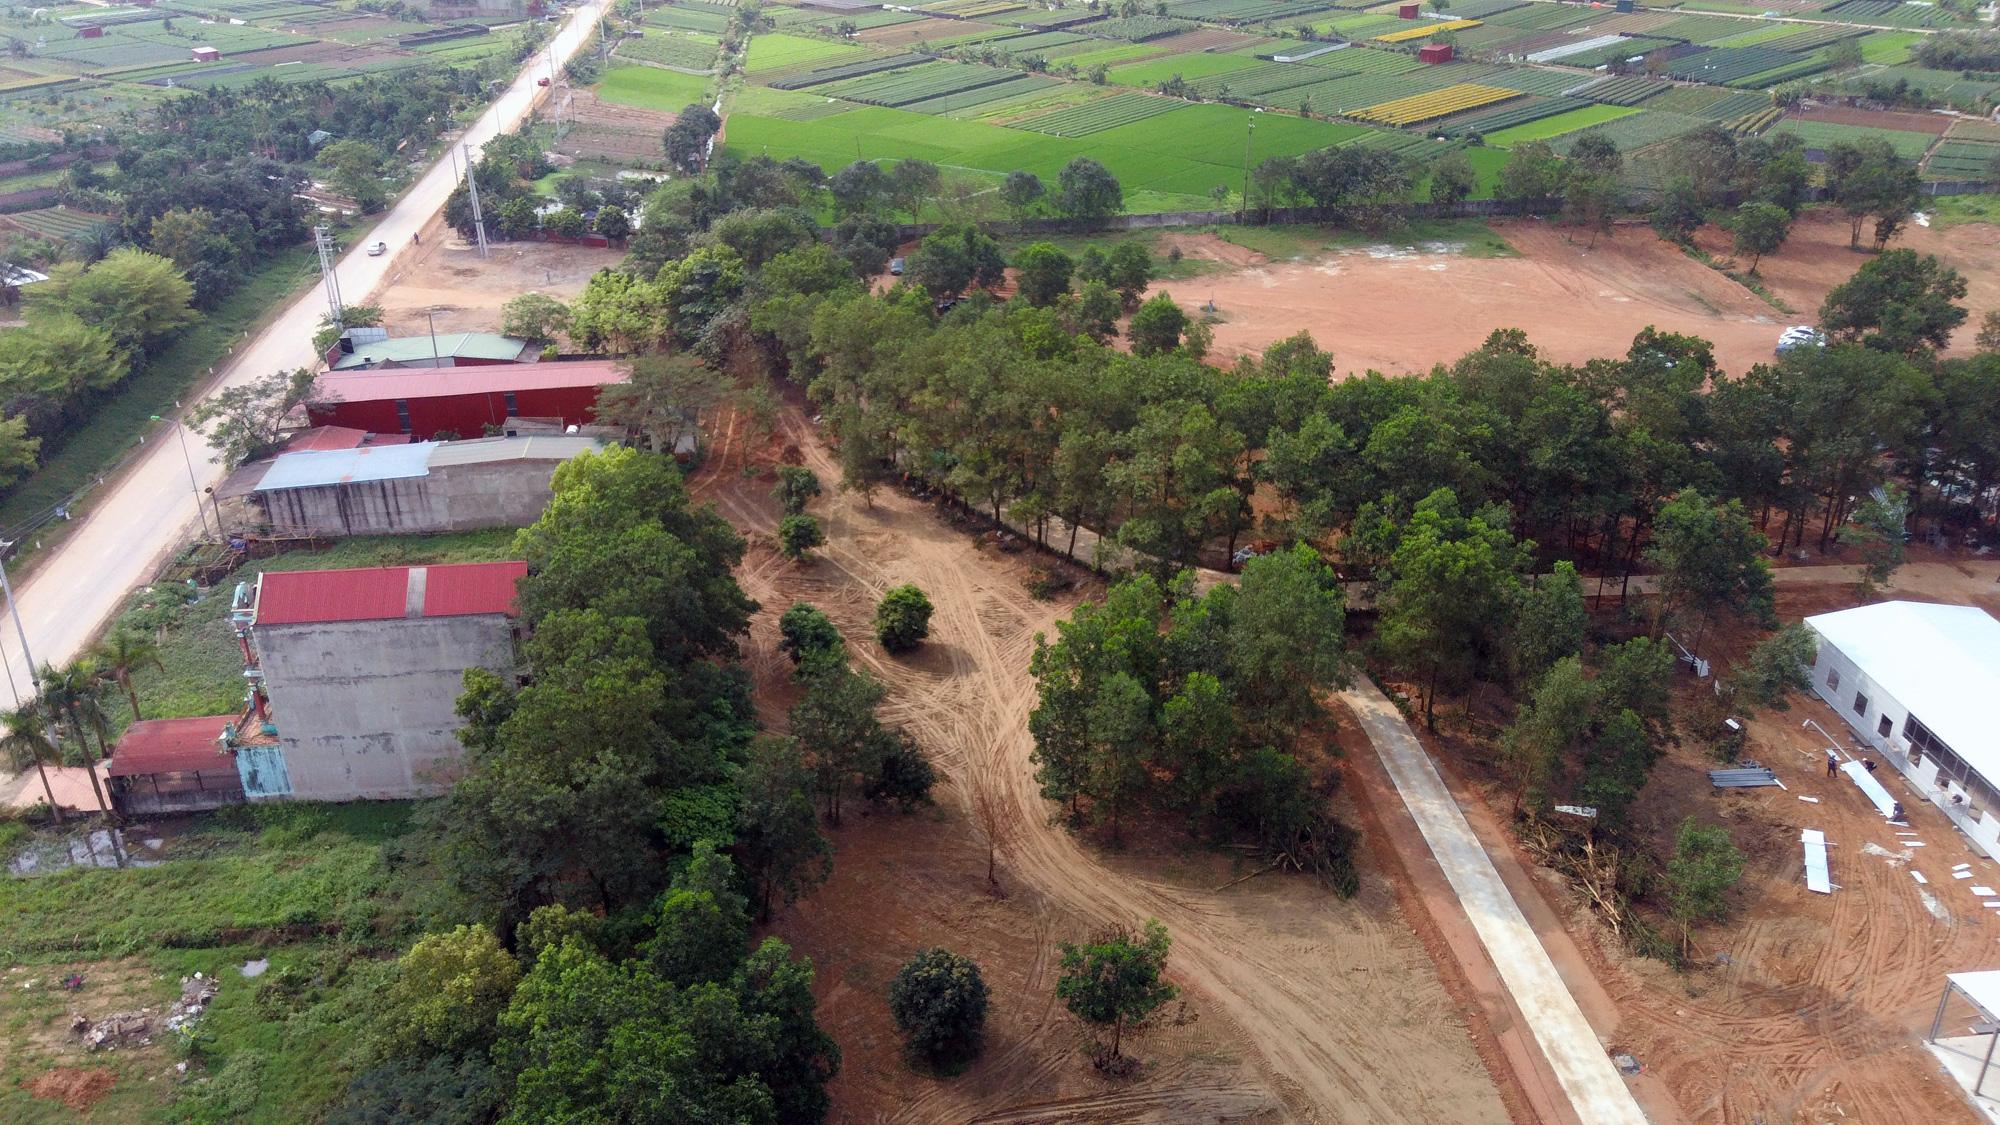 Hà Nội sửa xong bệnh viện bỏ hoang ở Mê Linh làm khu cách li chống dịch Covid-19 - Ảnh 5.